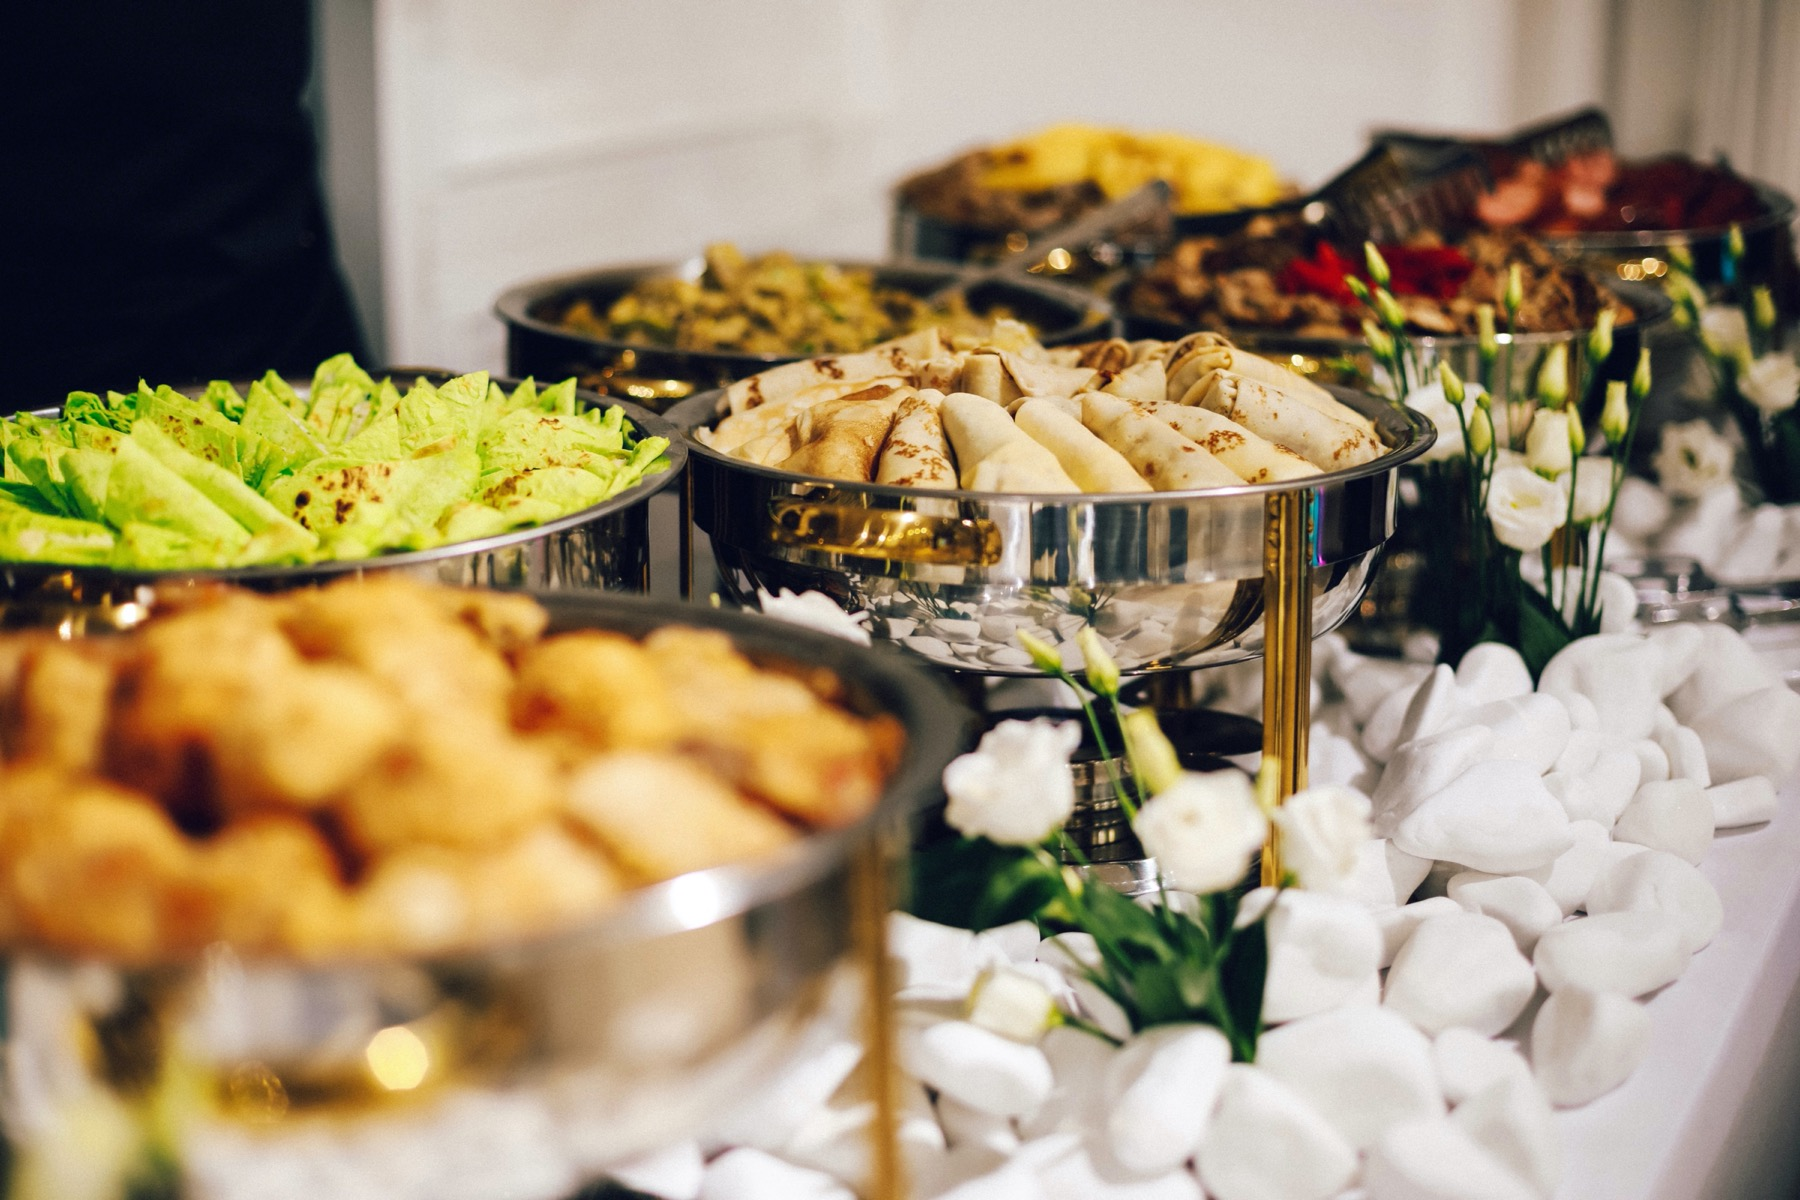 Food trends for big meetings